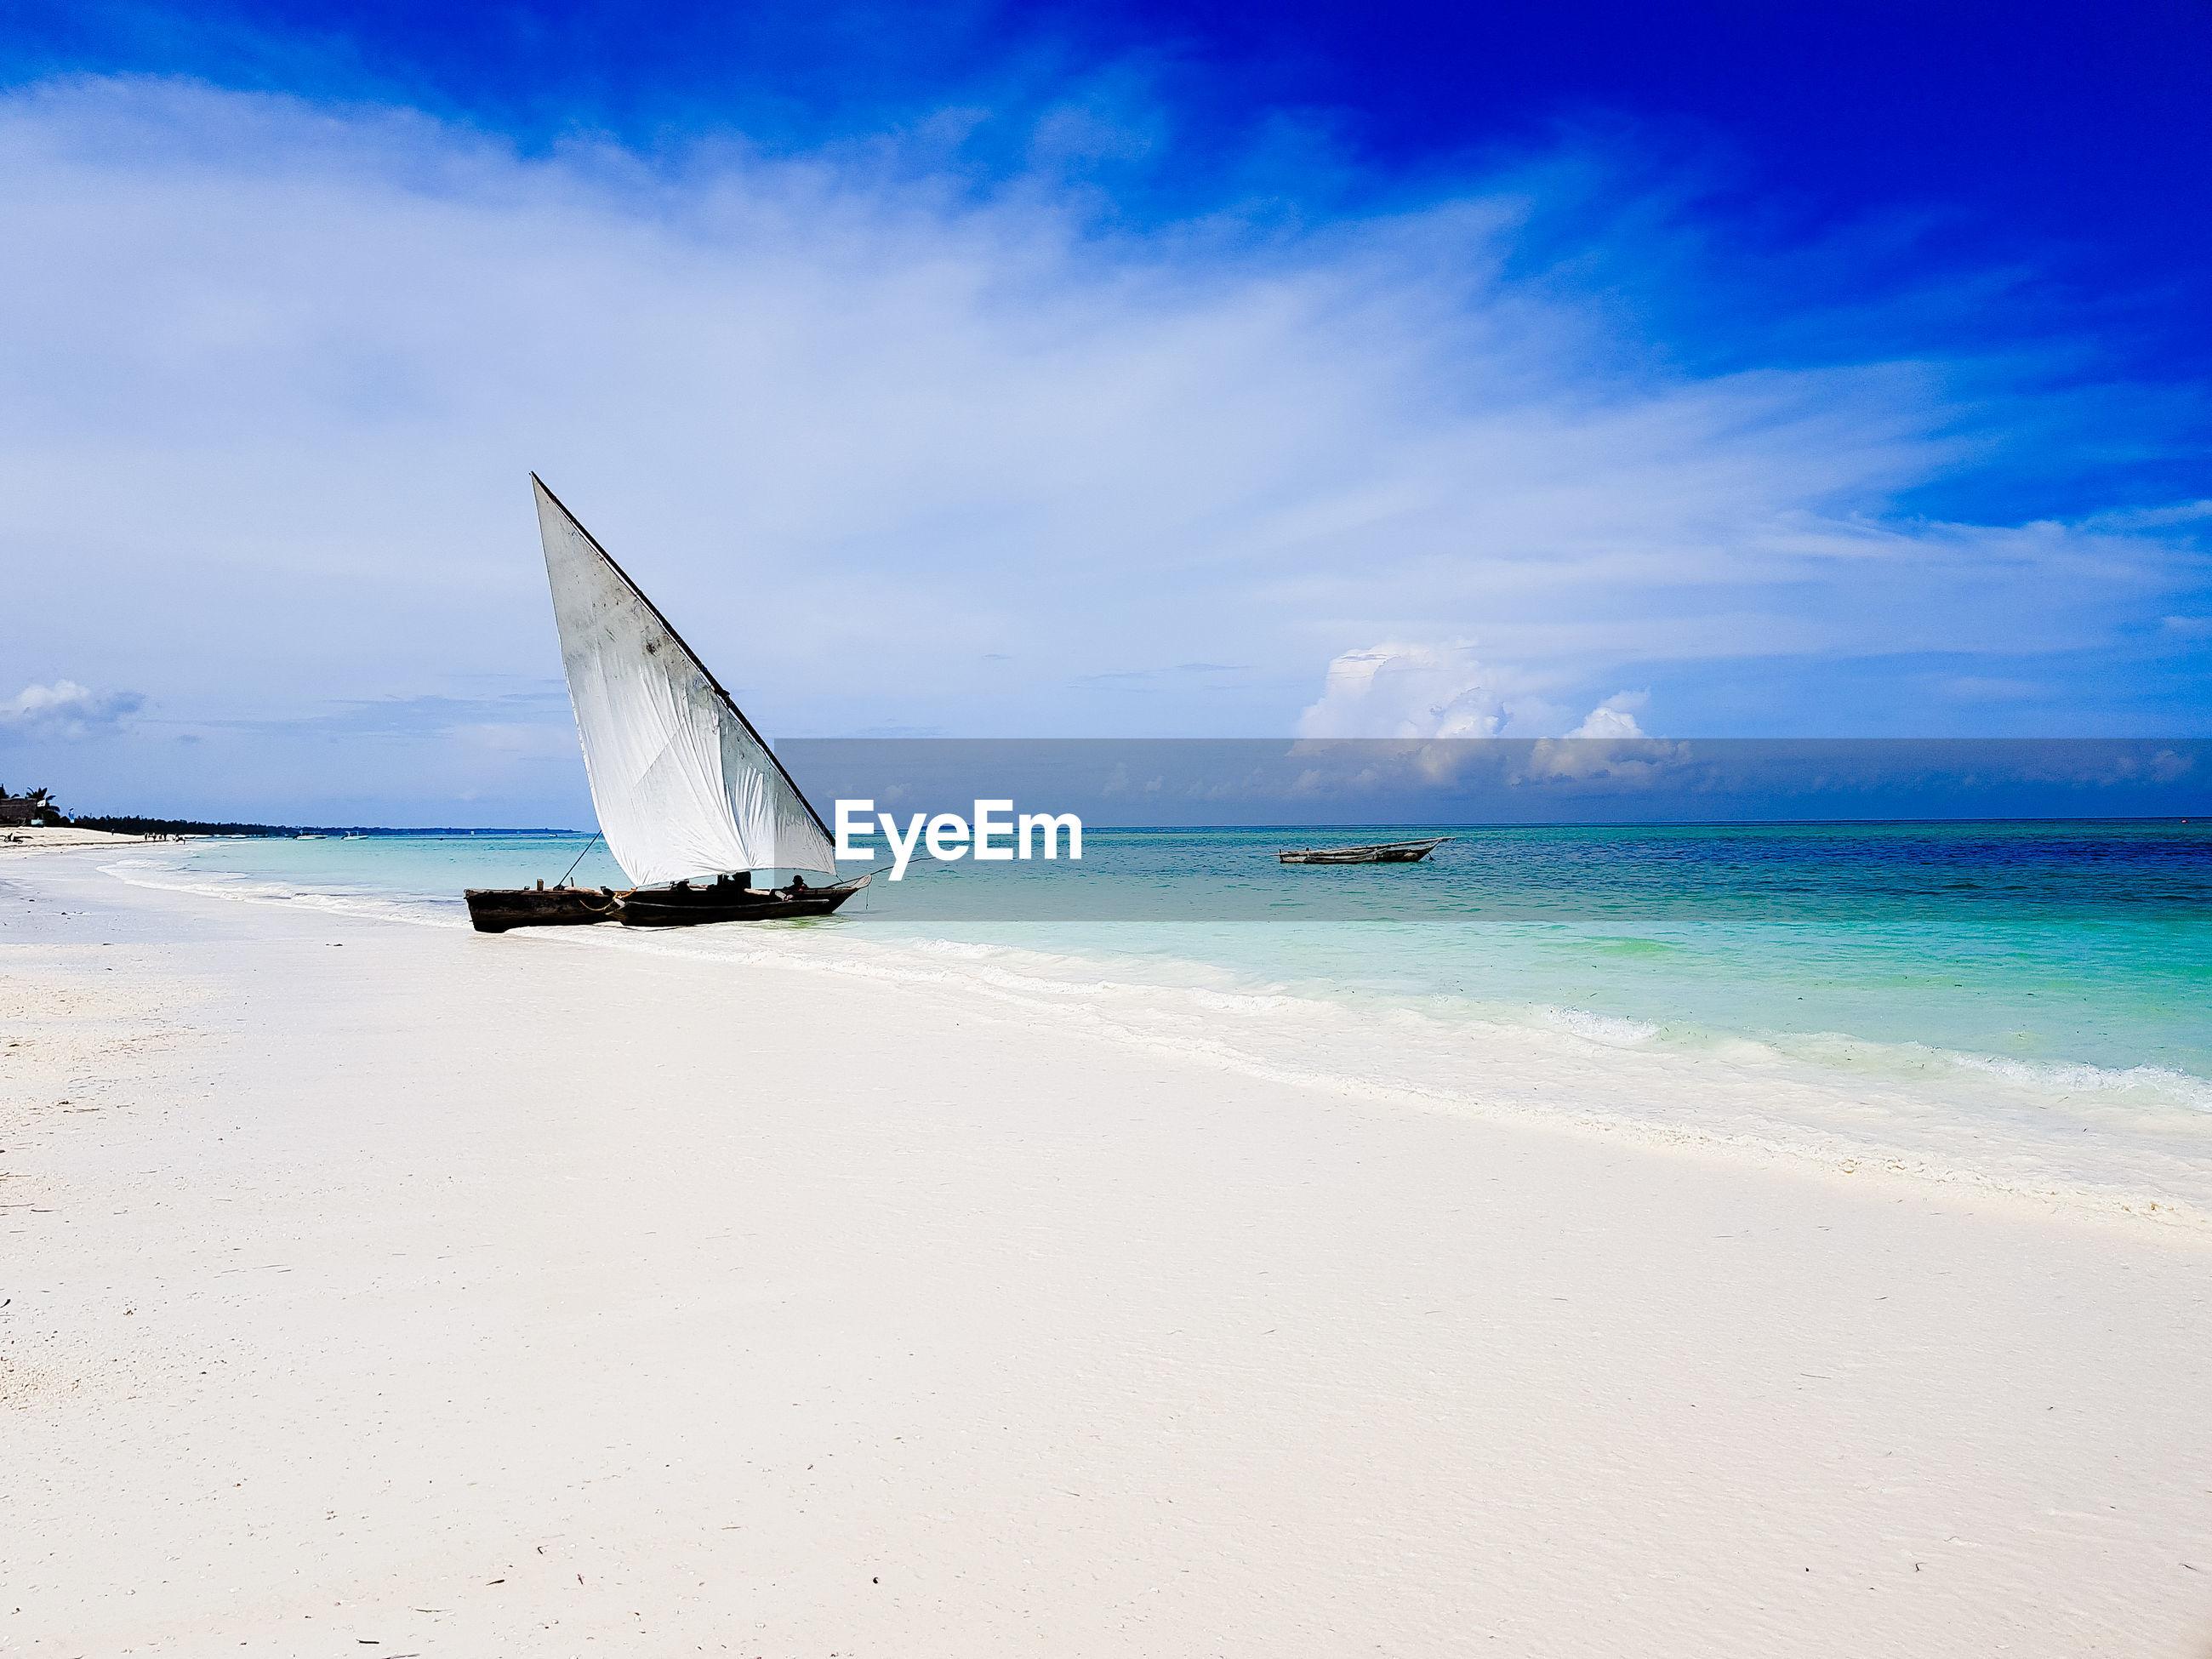 Sailboat on beach against blue sky